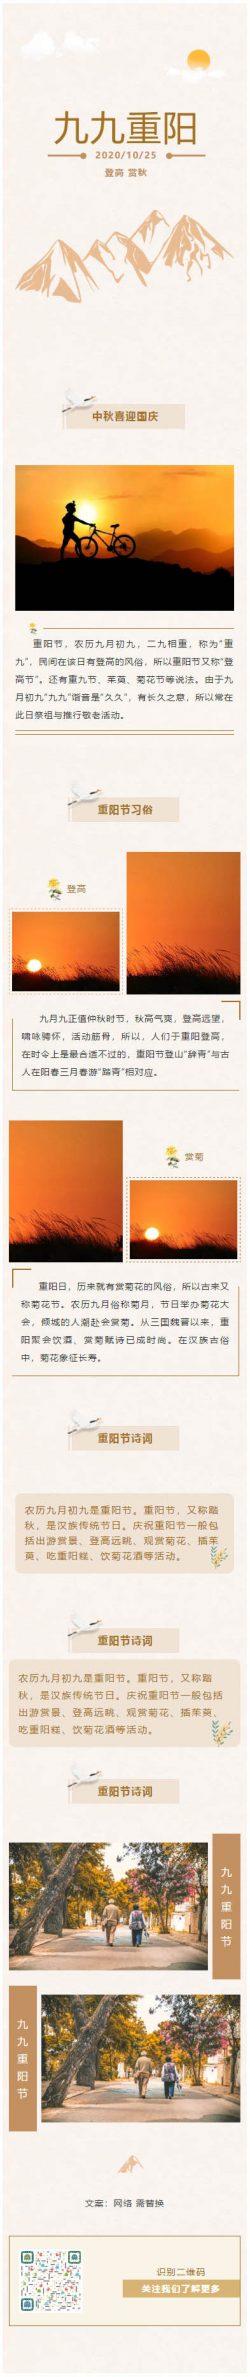 九九重阳节老人节敬老节微信公众号模板推送文章素材推文